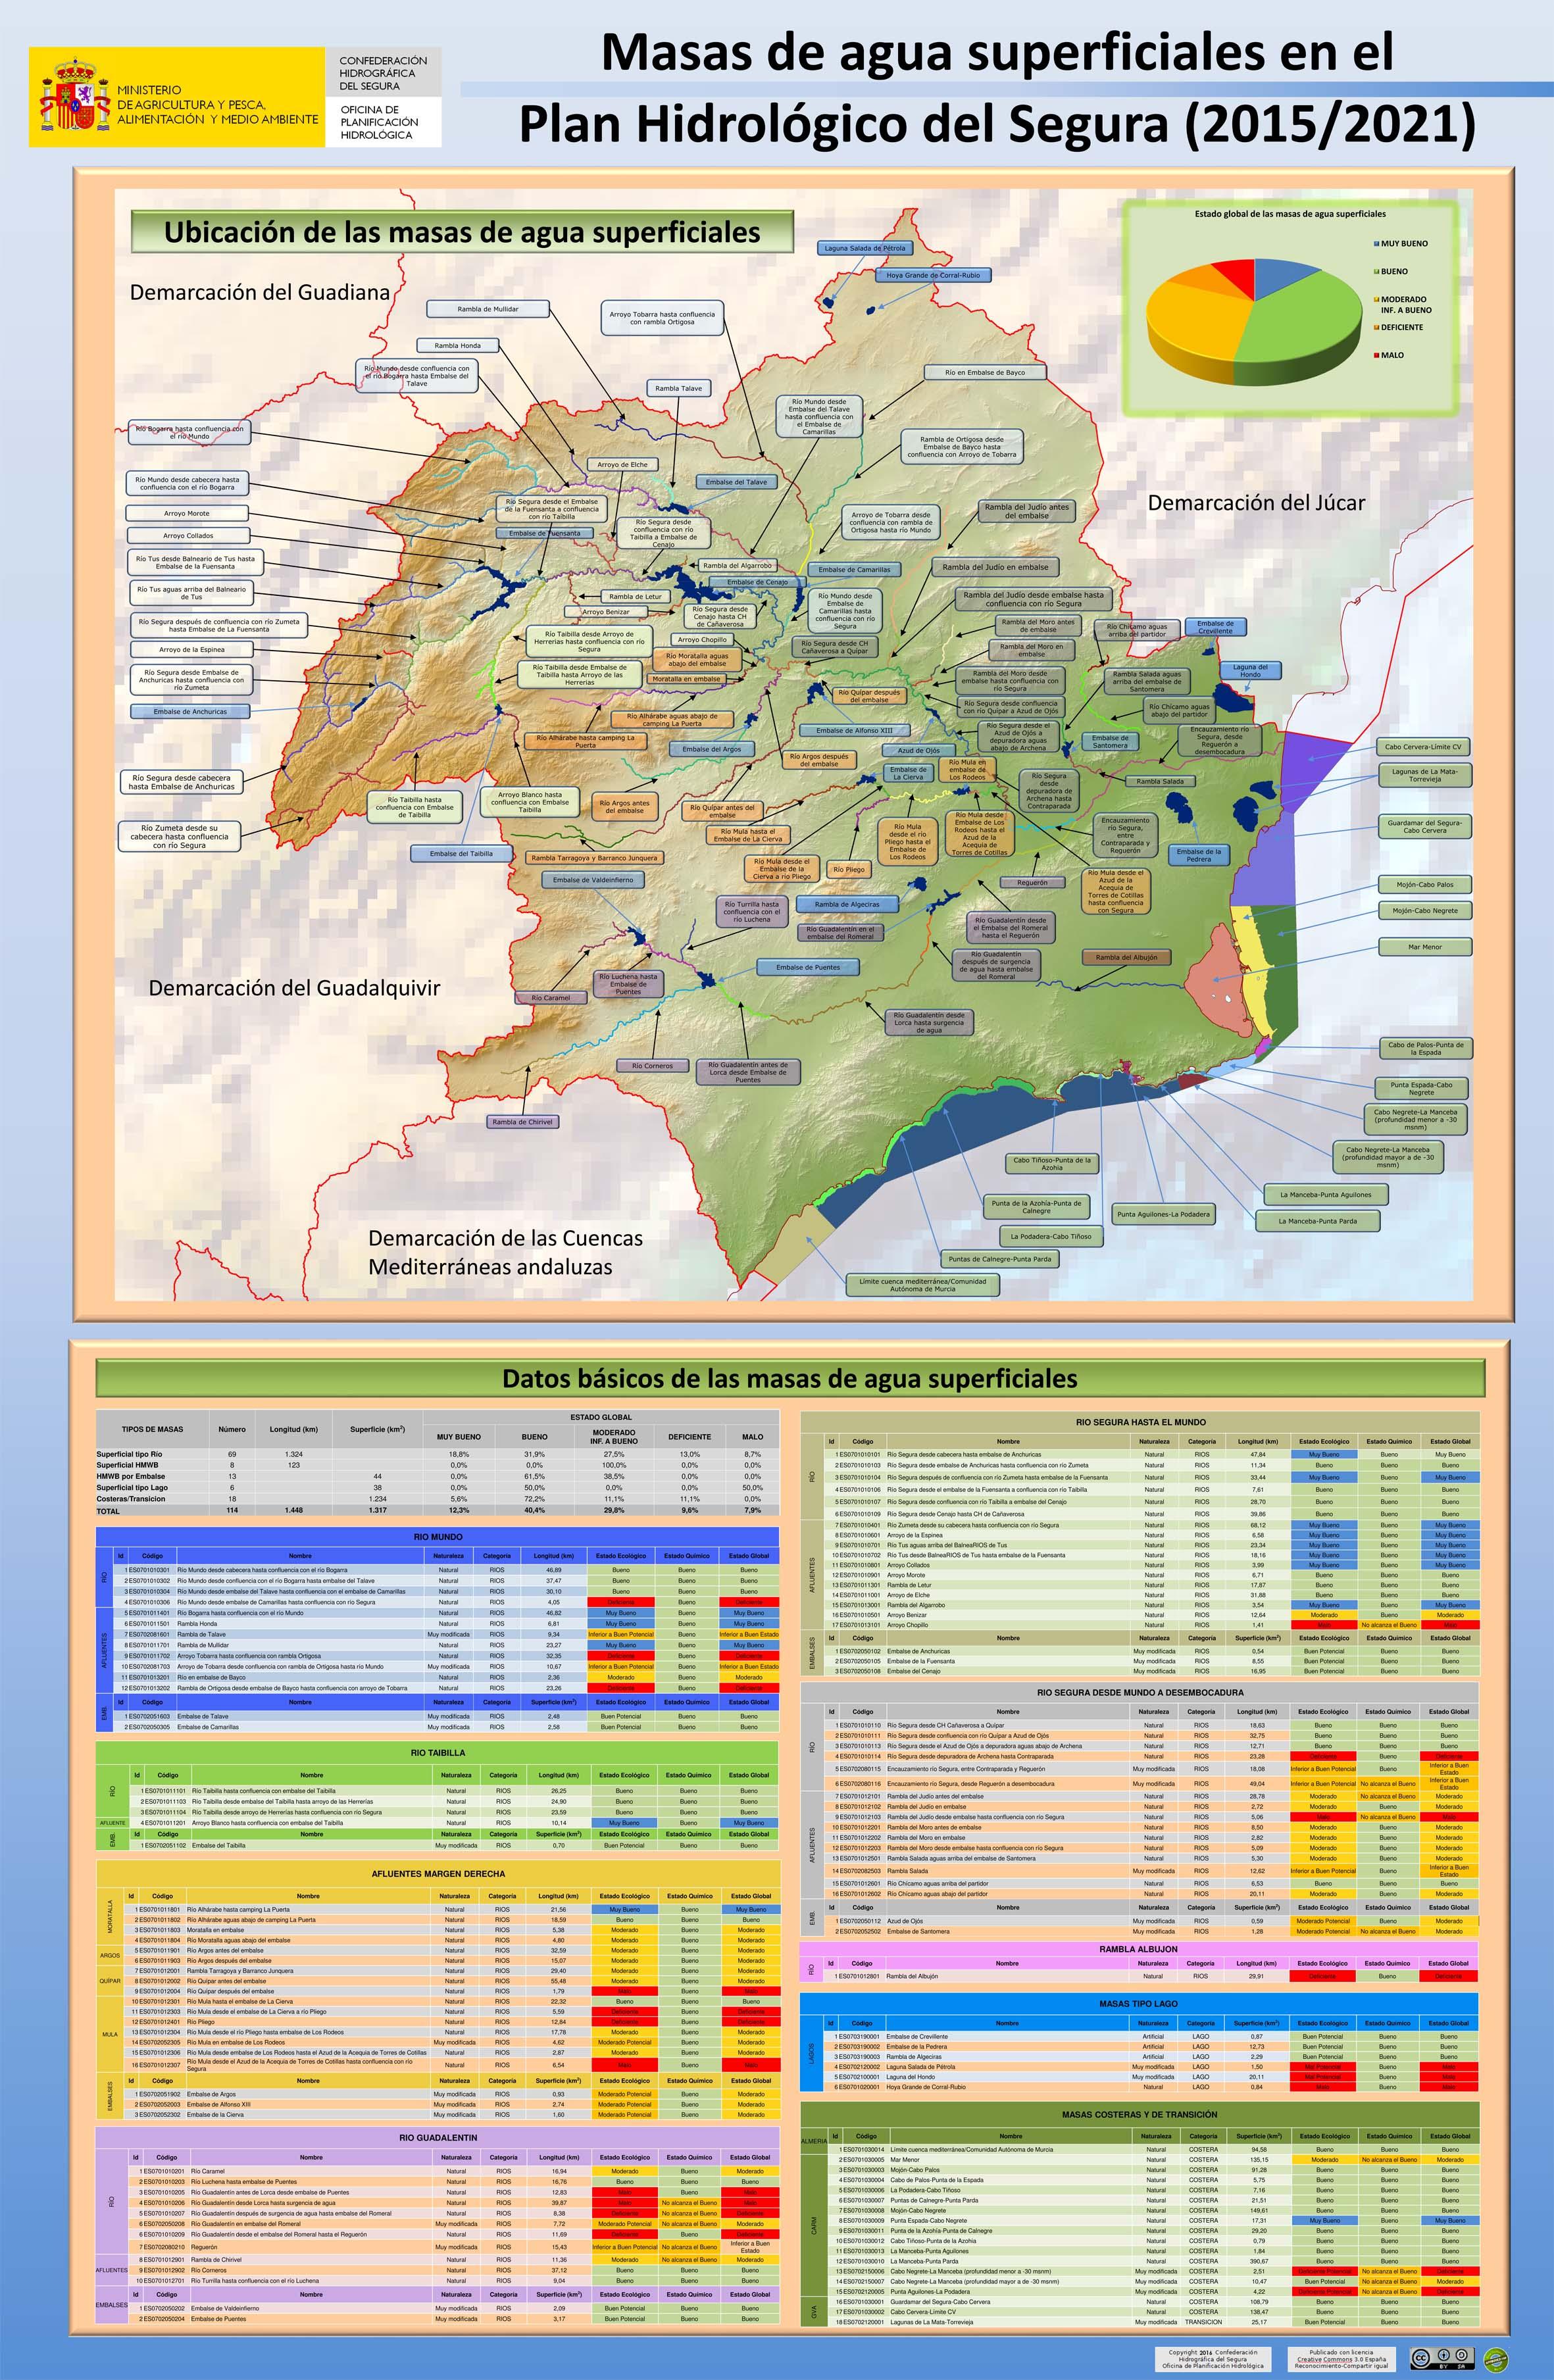 Póster sobre las masas de agua superficiales en el Plan Hidrológico del Segura (2015/2021). Imagen: CHS